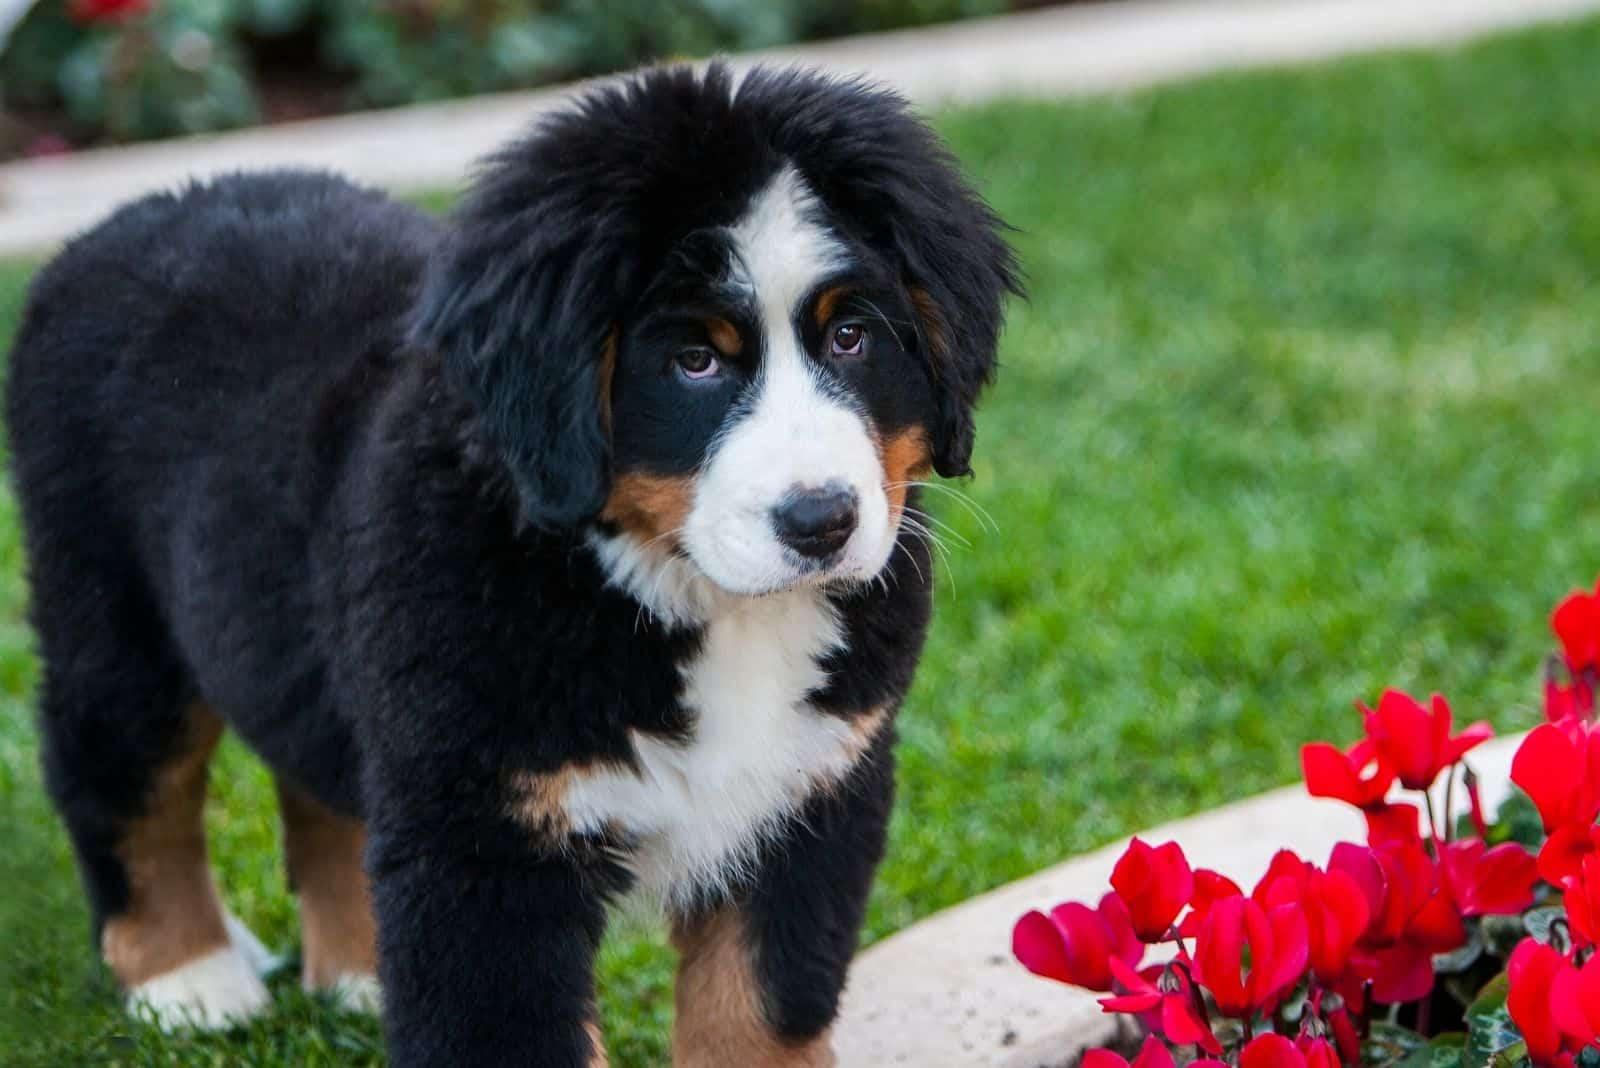 puppy of a bernese mountain dog near a red flower garden